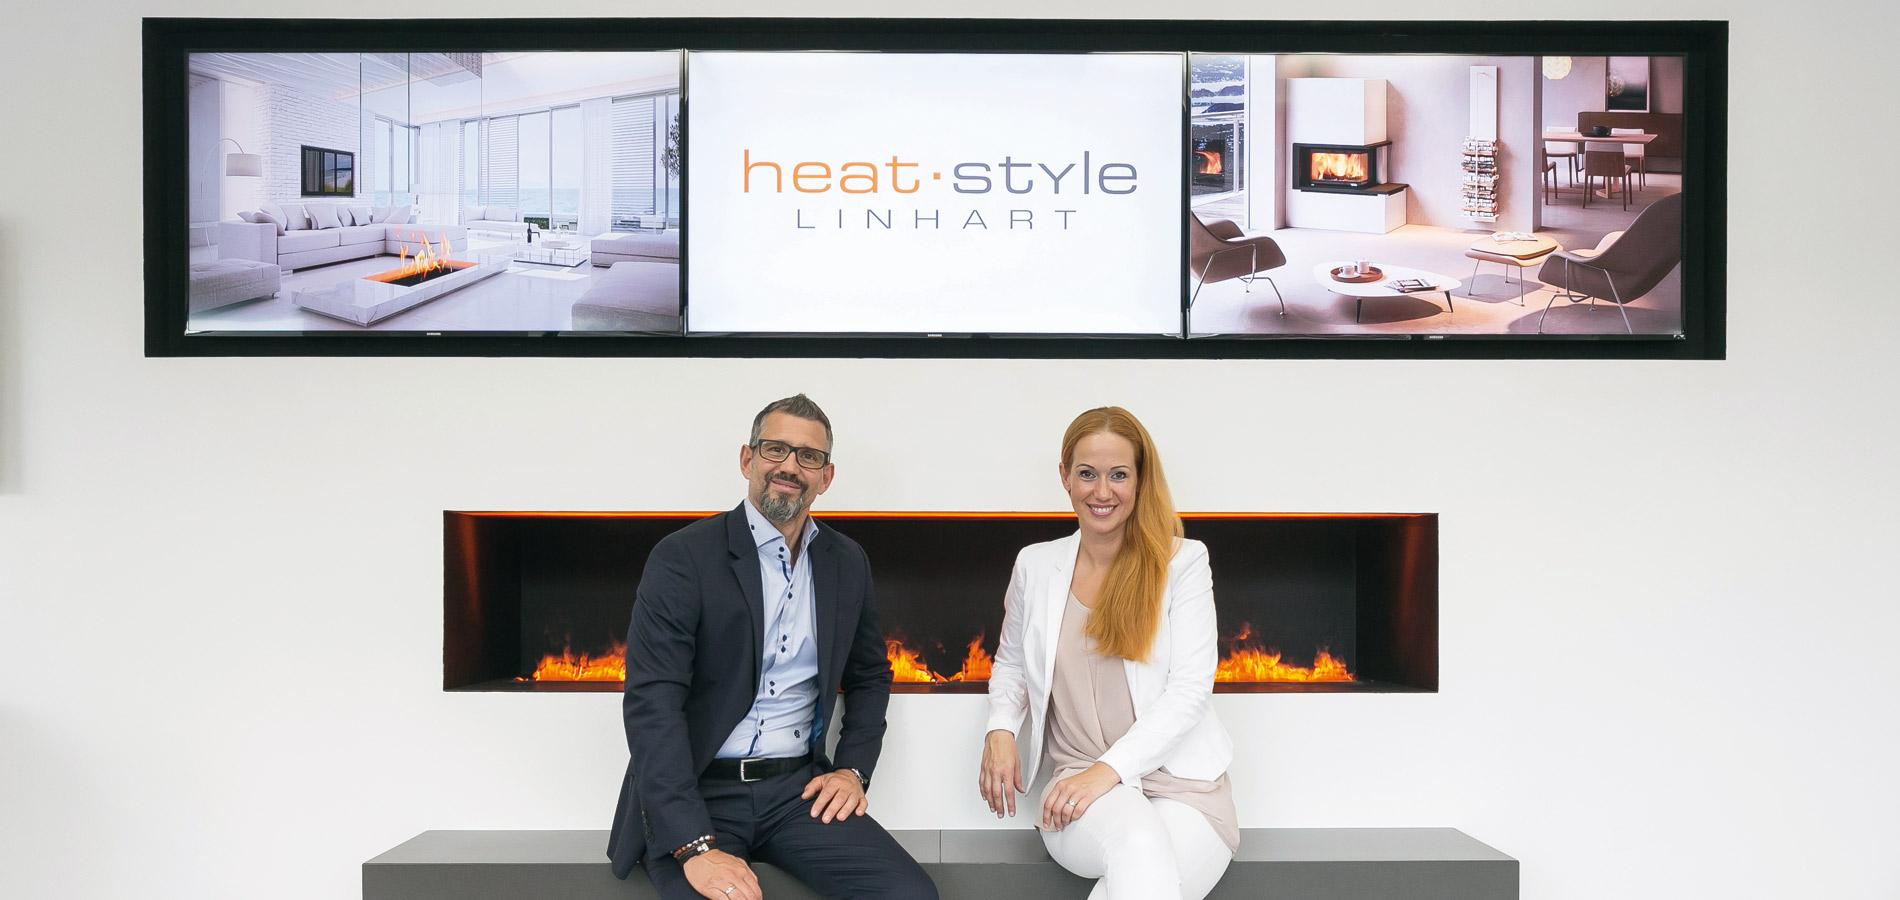 heat-style LINHART | Besuchen Sie uns im Schauraum